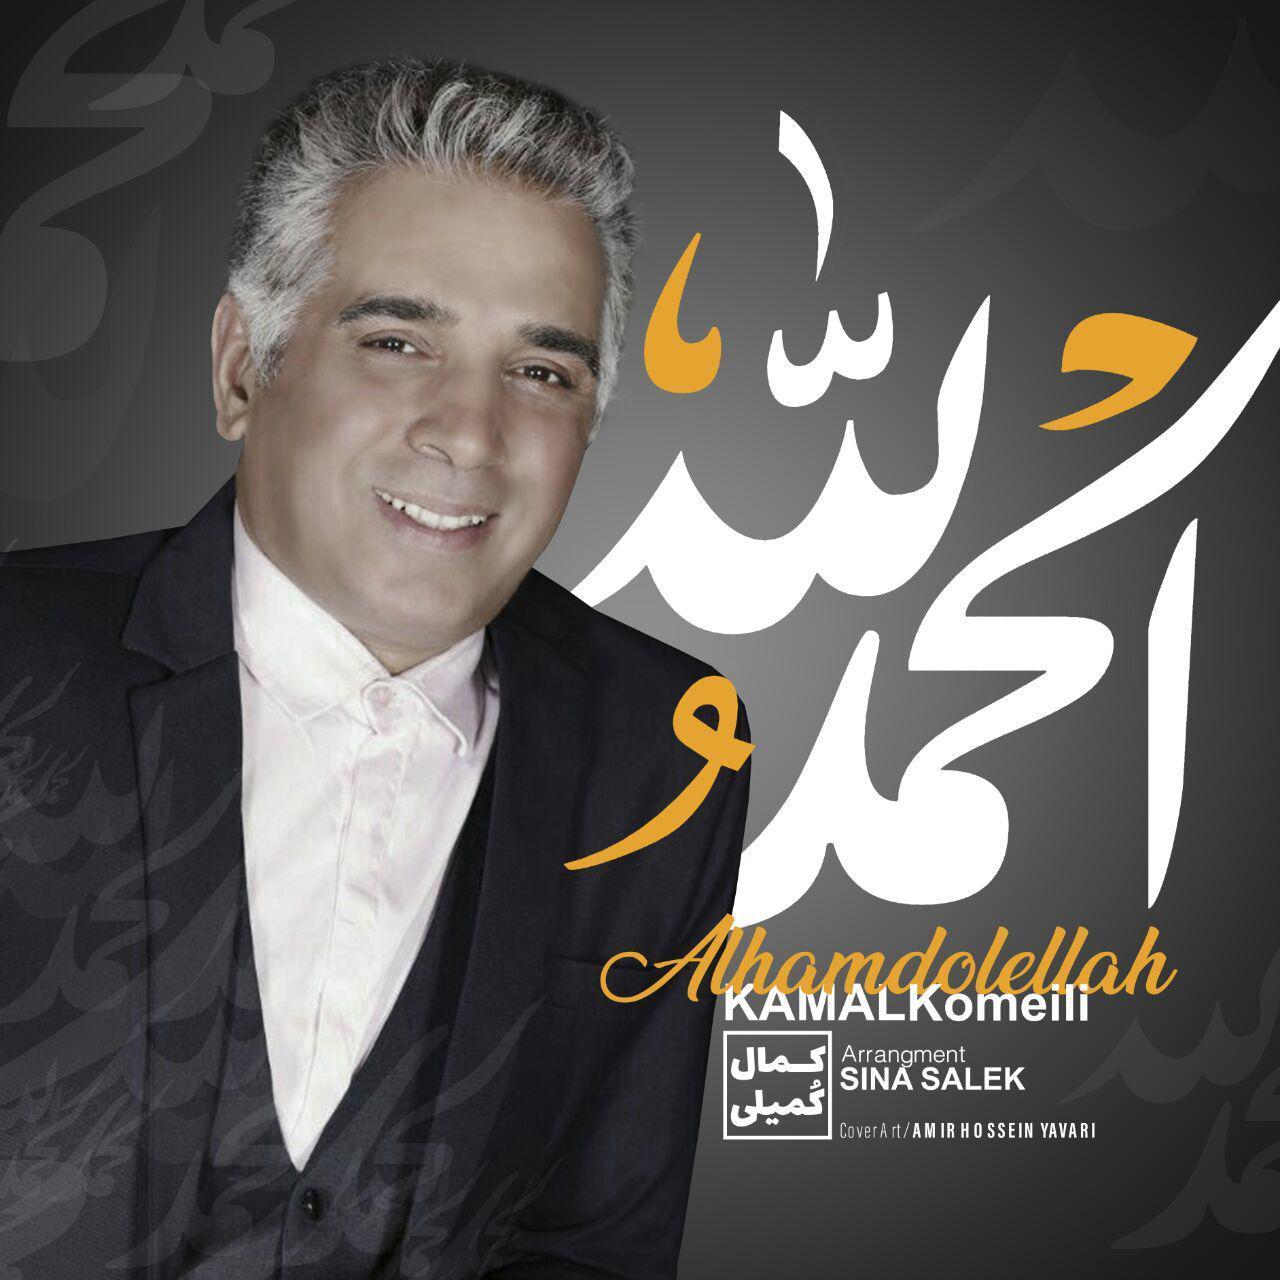 Kamal Komeili – Alhamdolellah